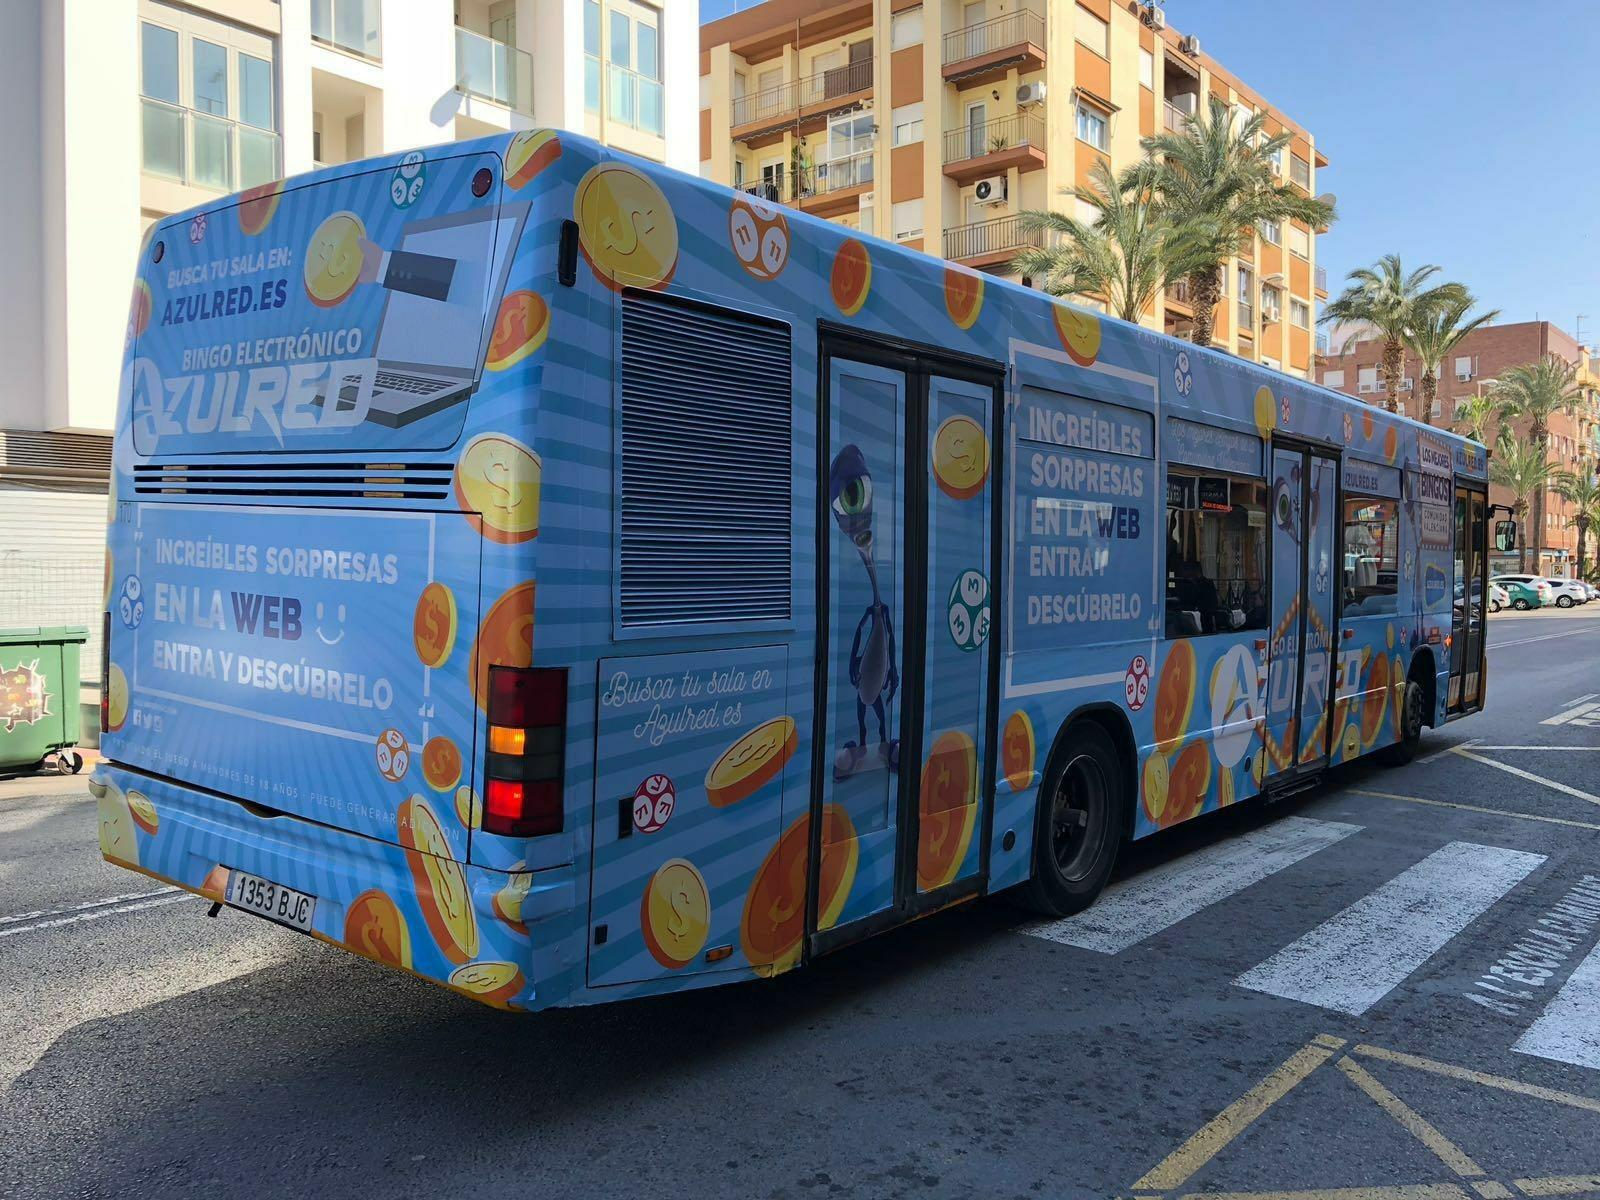 publicidad en autobuses • Azulred